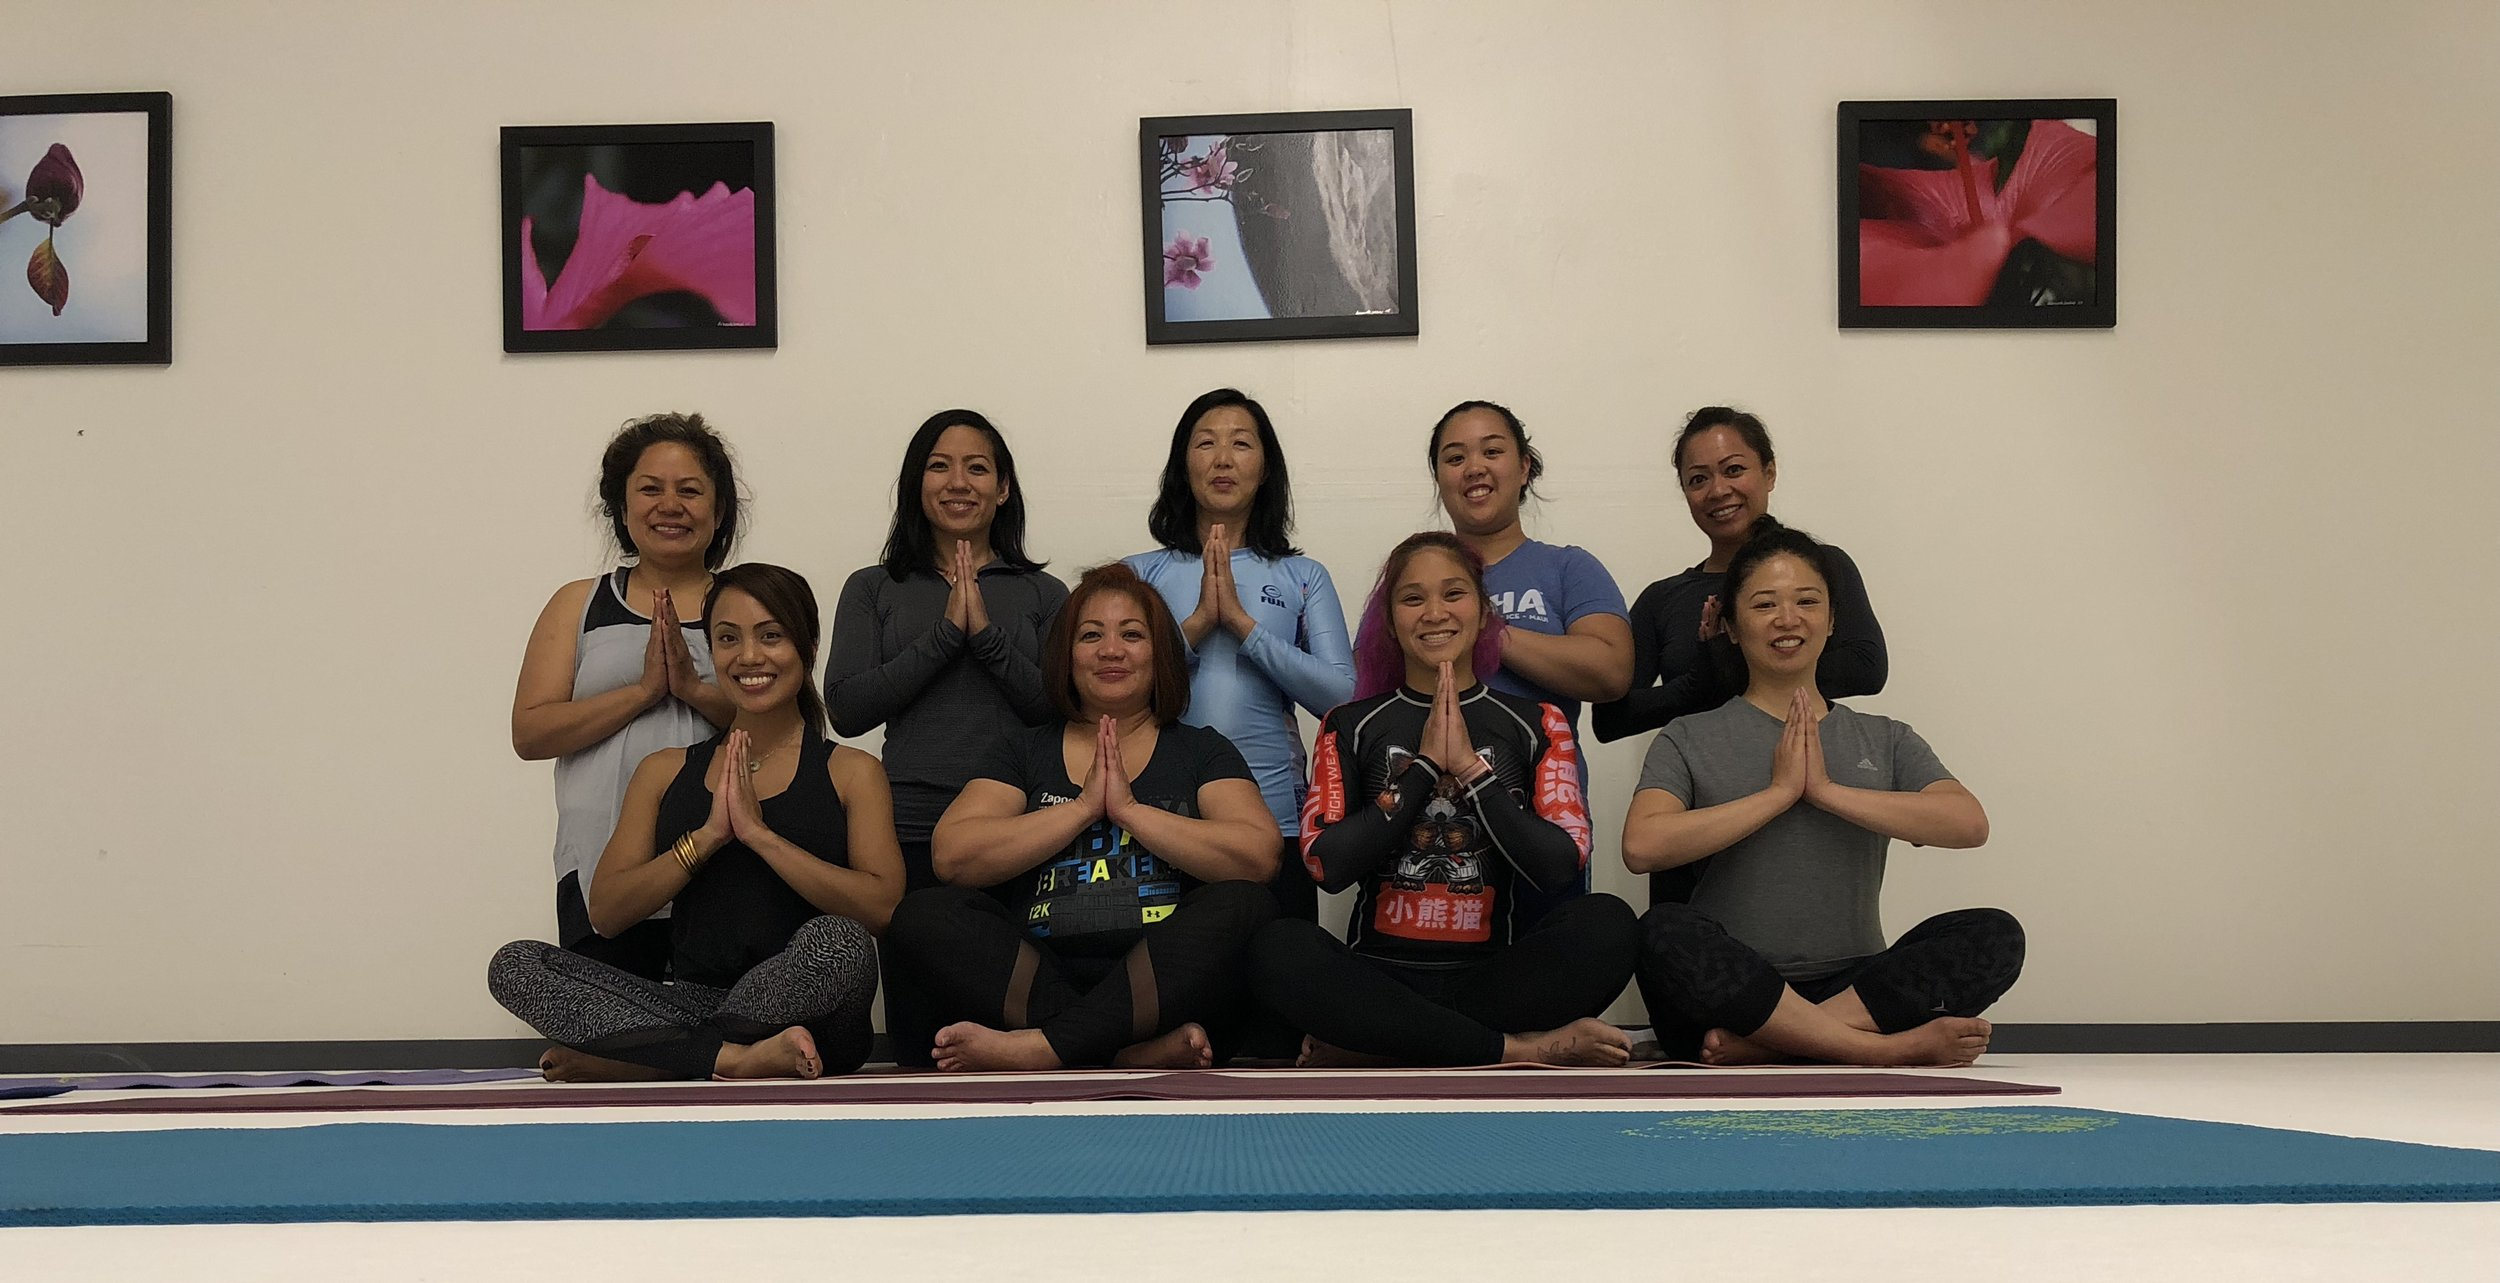 yogagroup.jpg